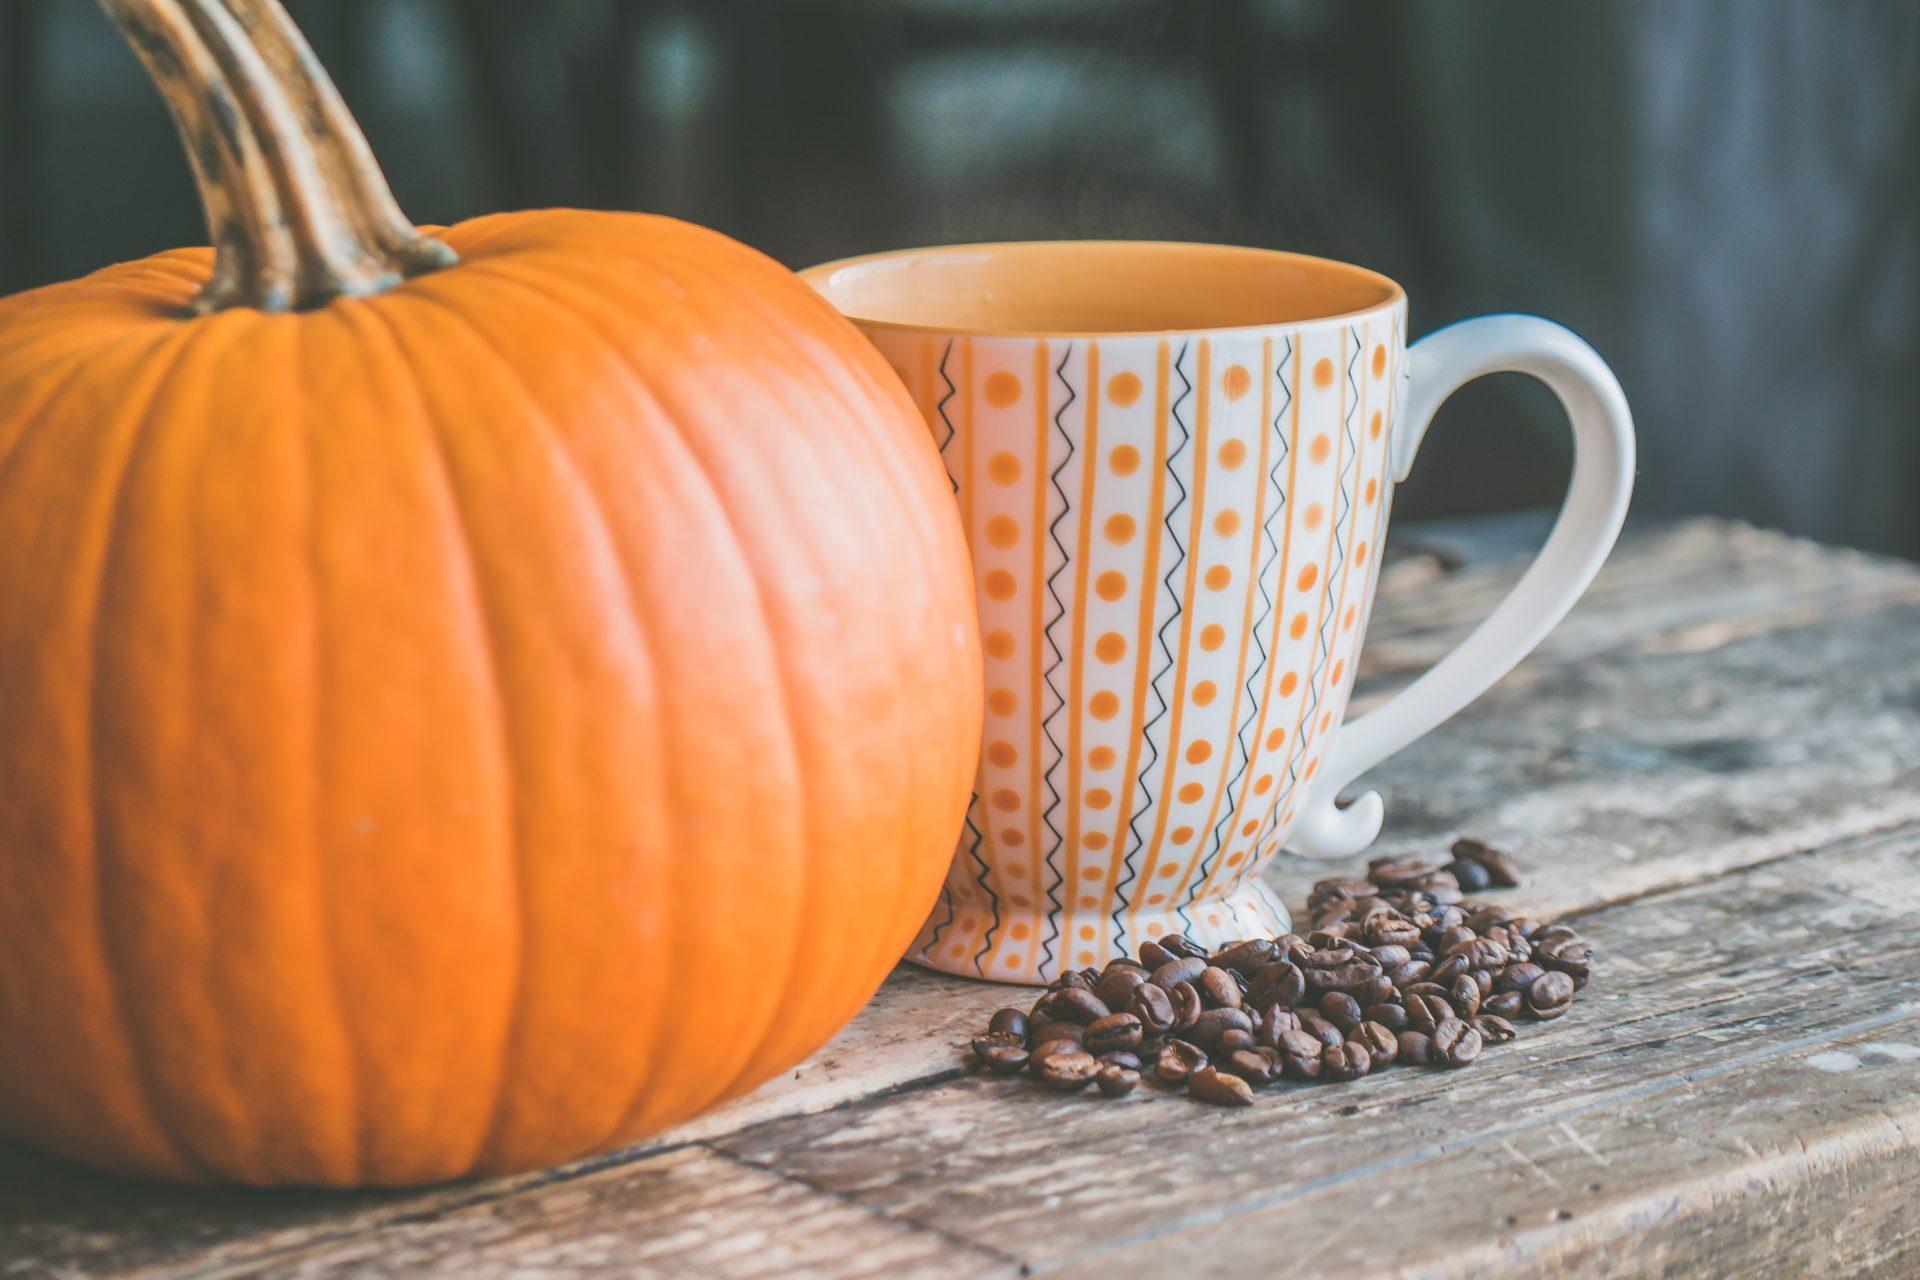 10 recettes à saveur de citrouille épicée pour célébrer l'automne